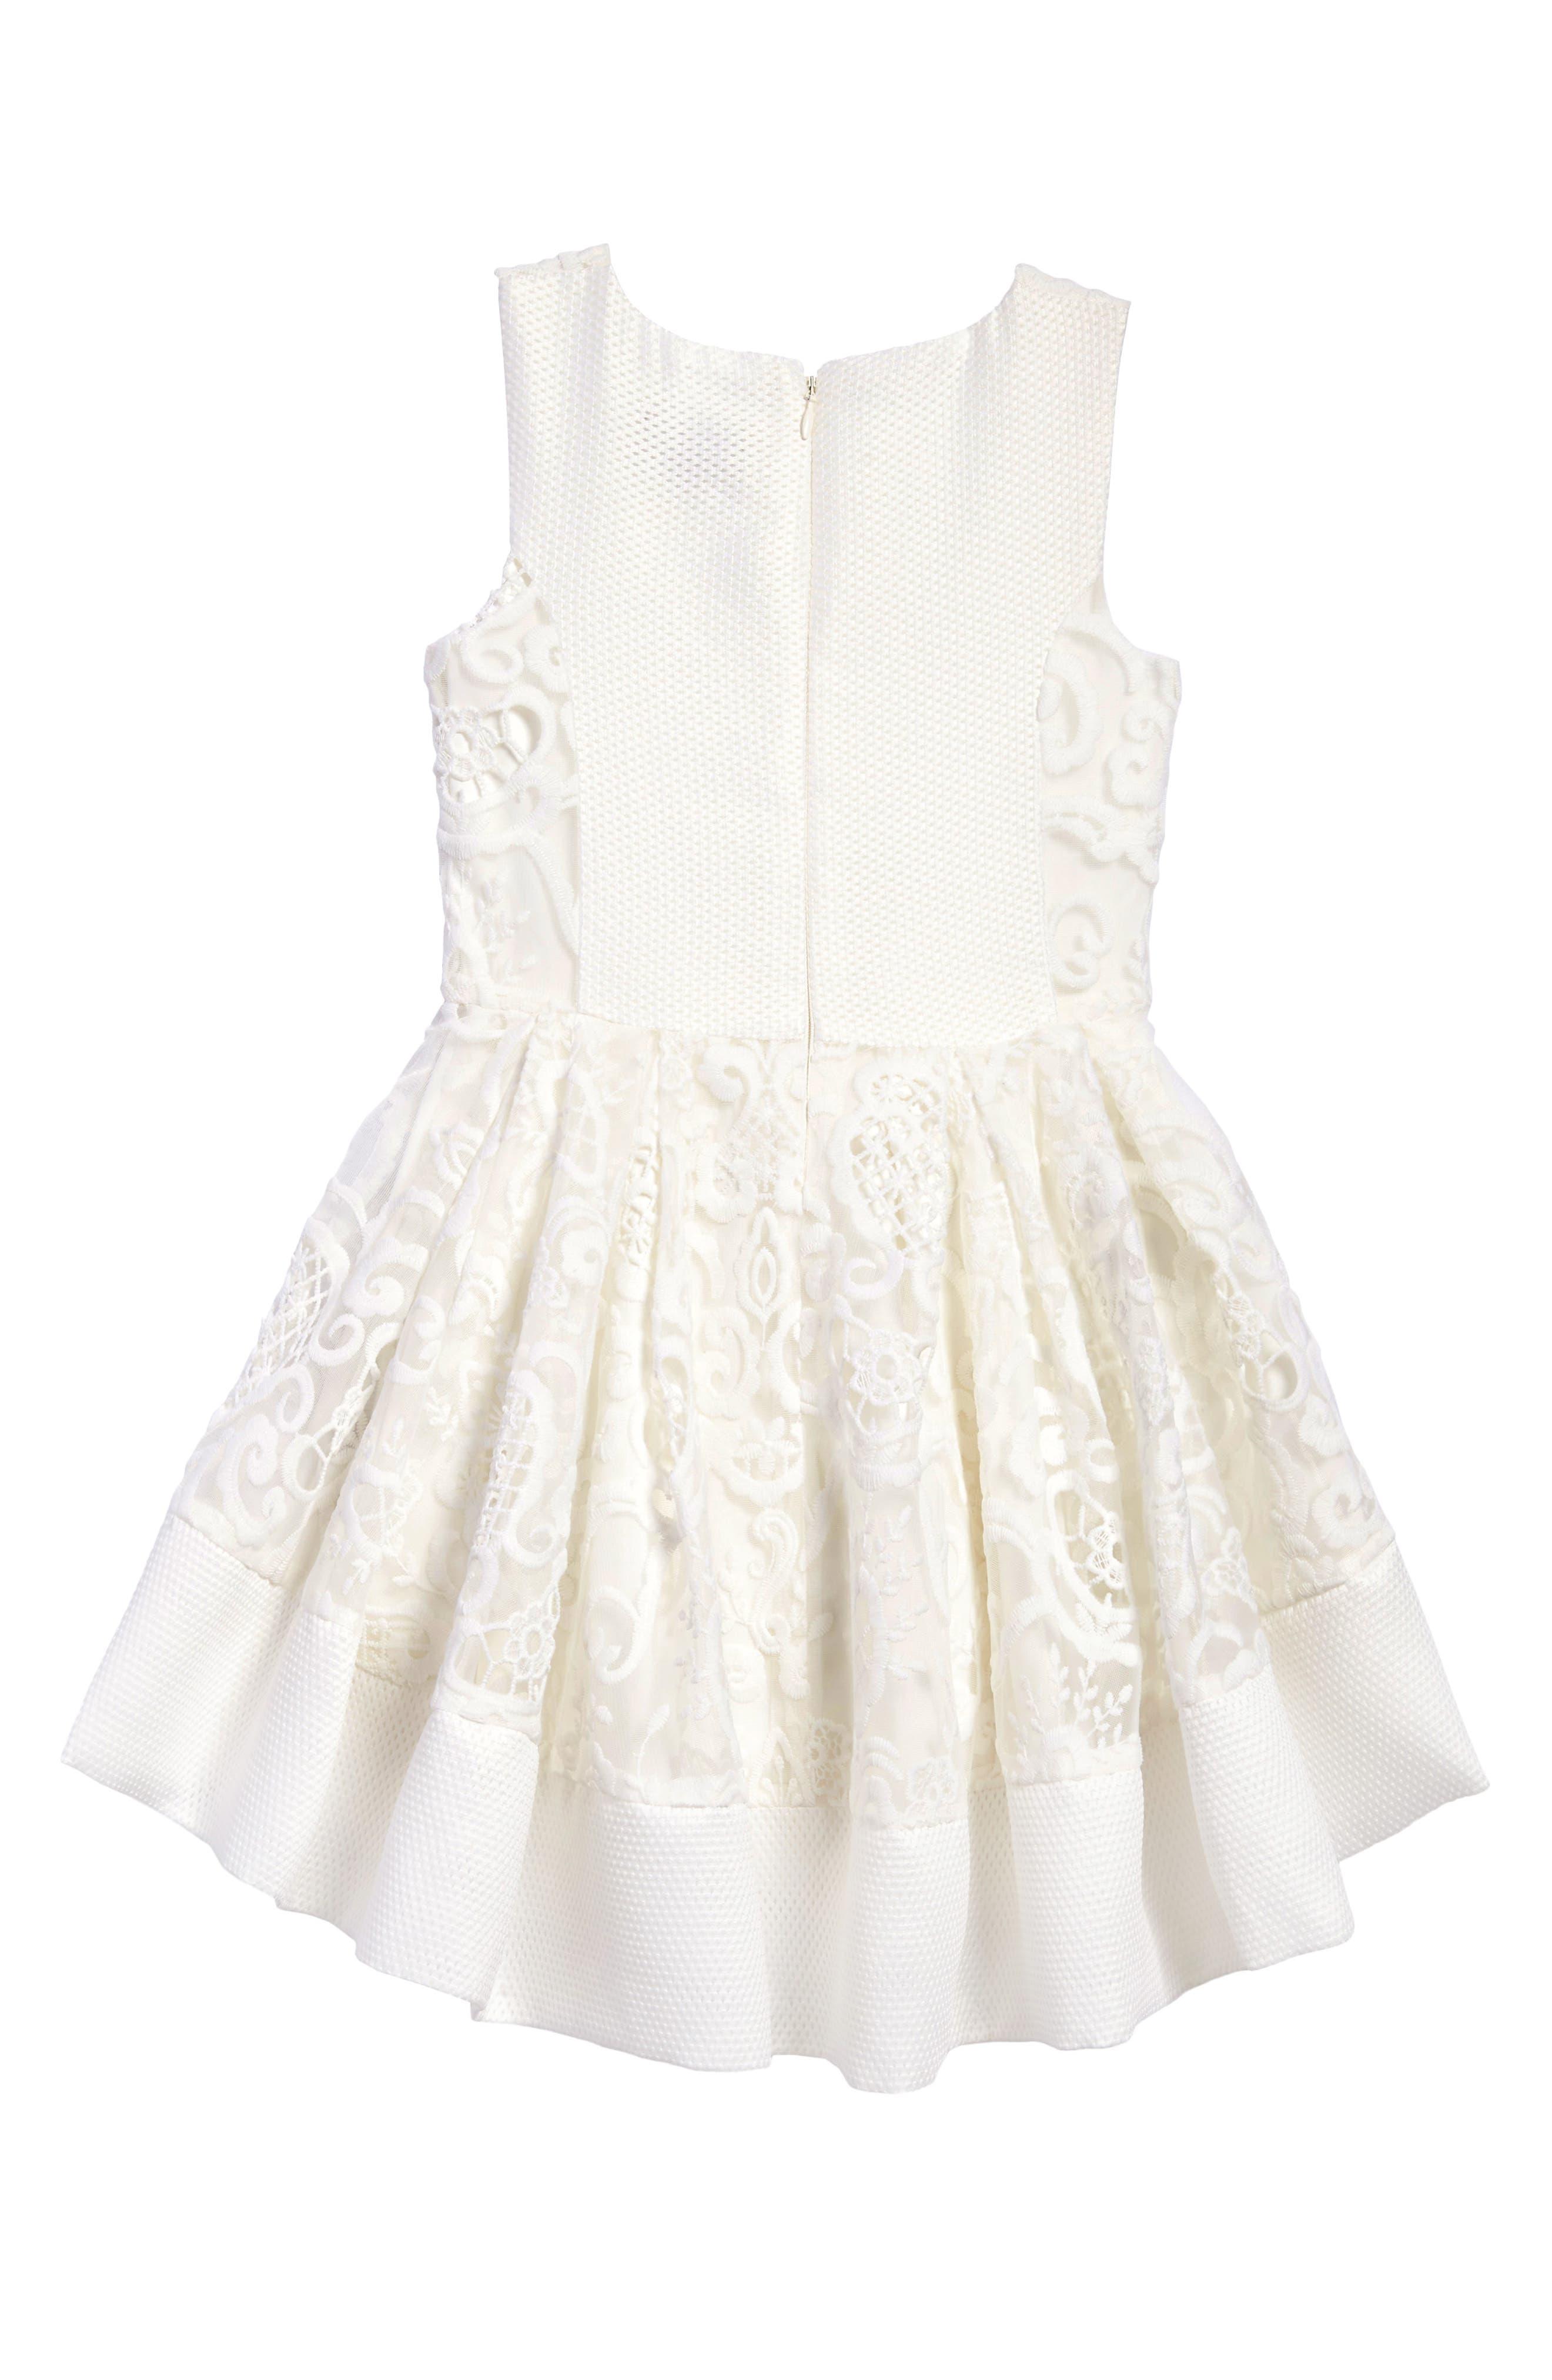 Ava Starlet Dress,                             Alternate thumbnail 2, color,                             907